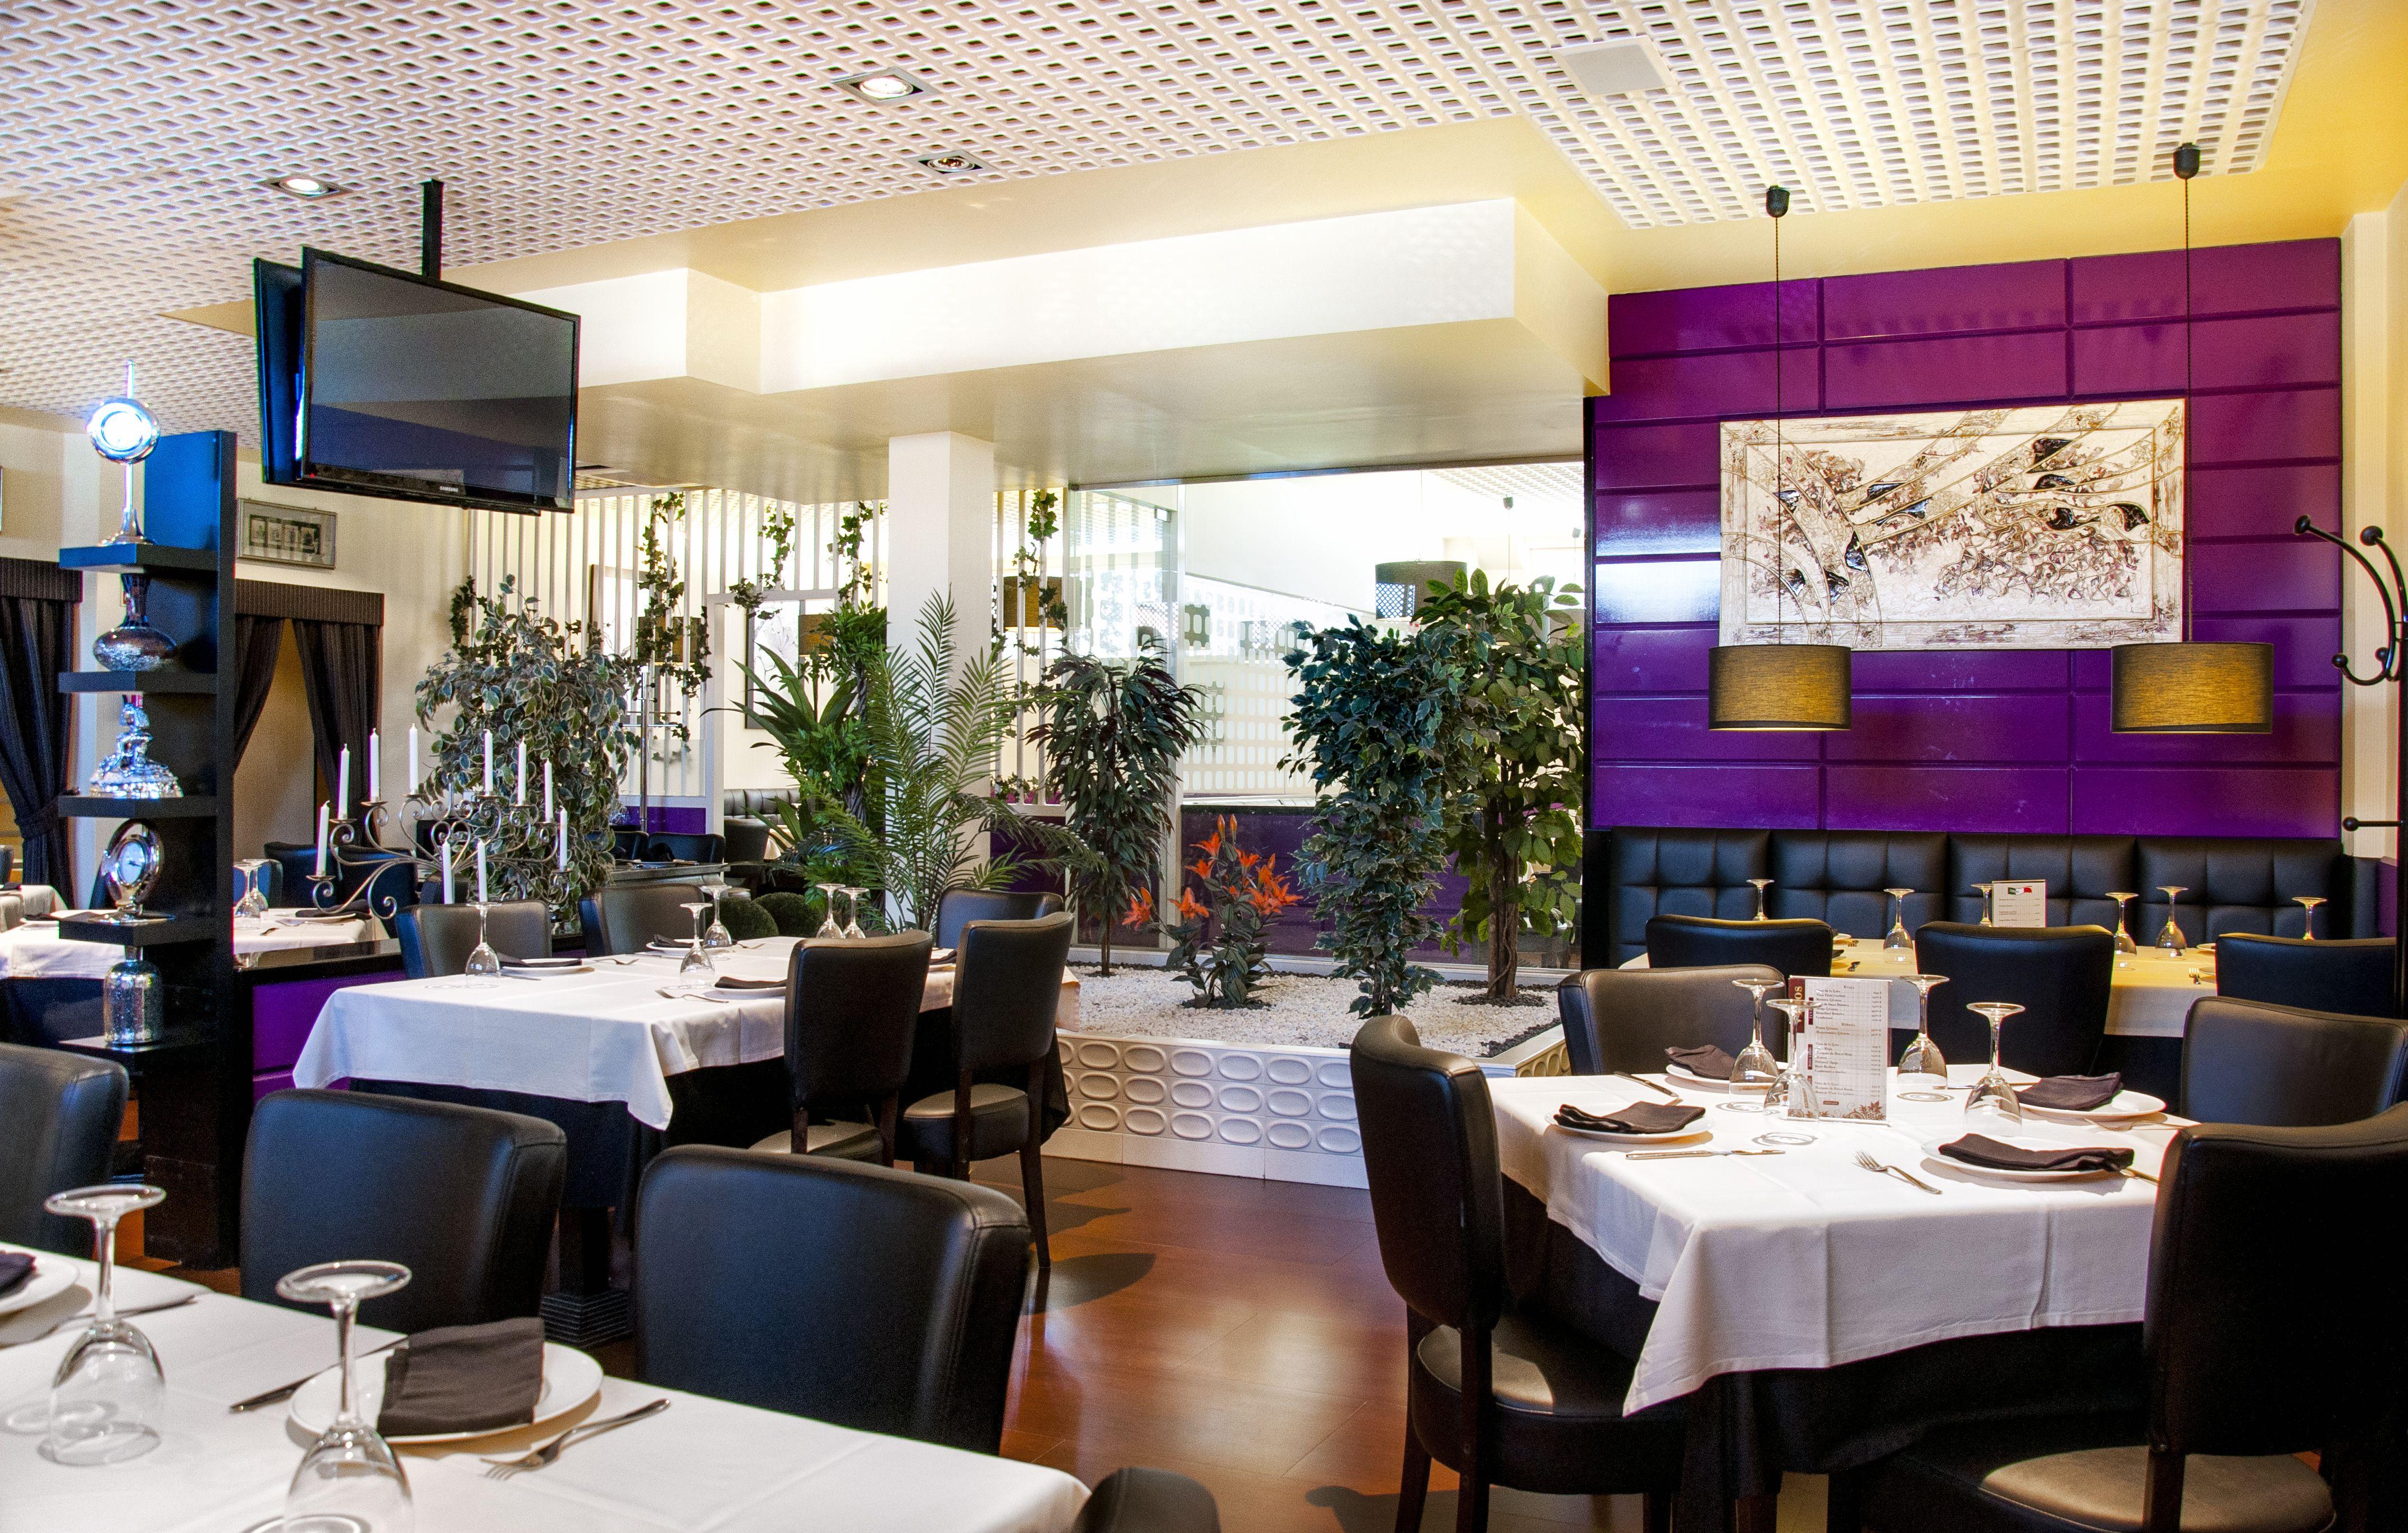 Foto 6 de Restaurante italiano en Collado Villalba | Restaurante Robertinos